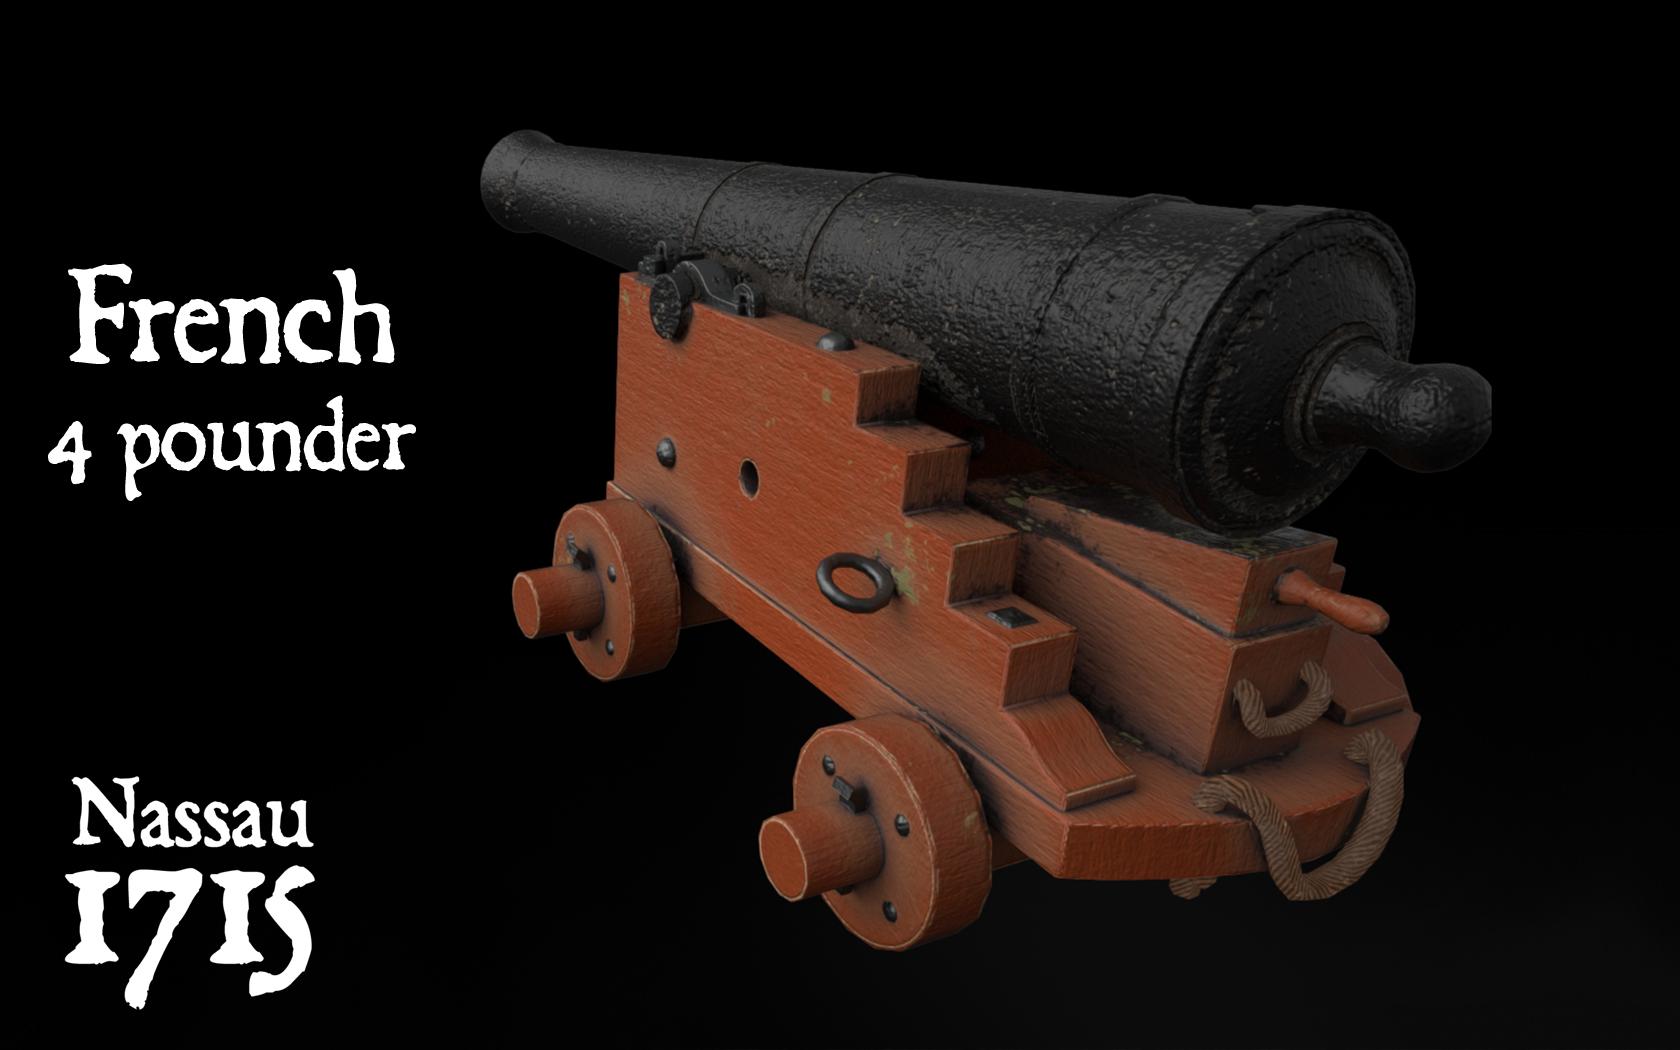 nassau_1715_4_pounder.jpg